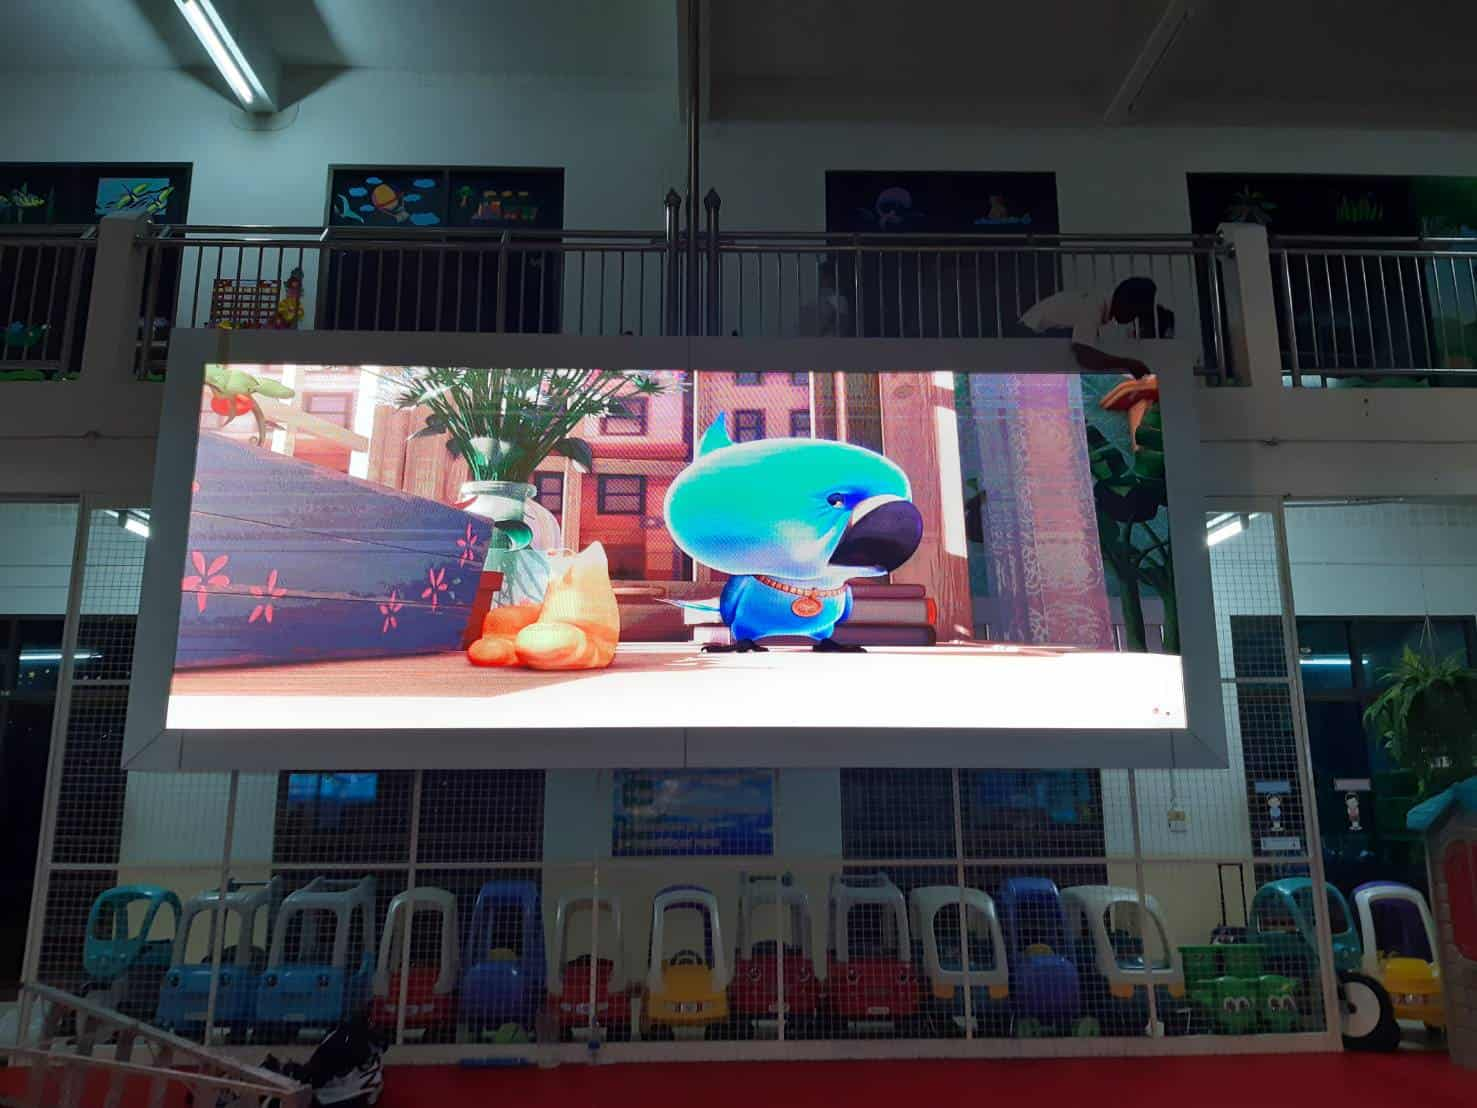 โรงเรียนพหฤทัยนนทบุรี P4 Indoor Full Color Display